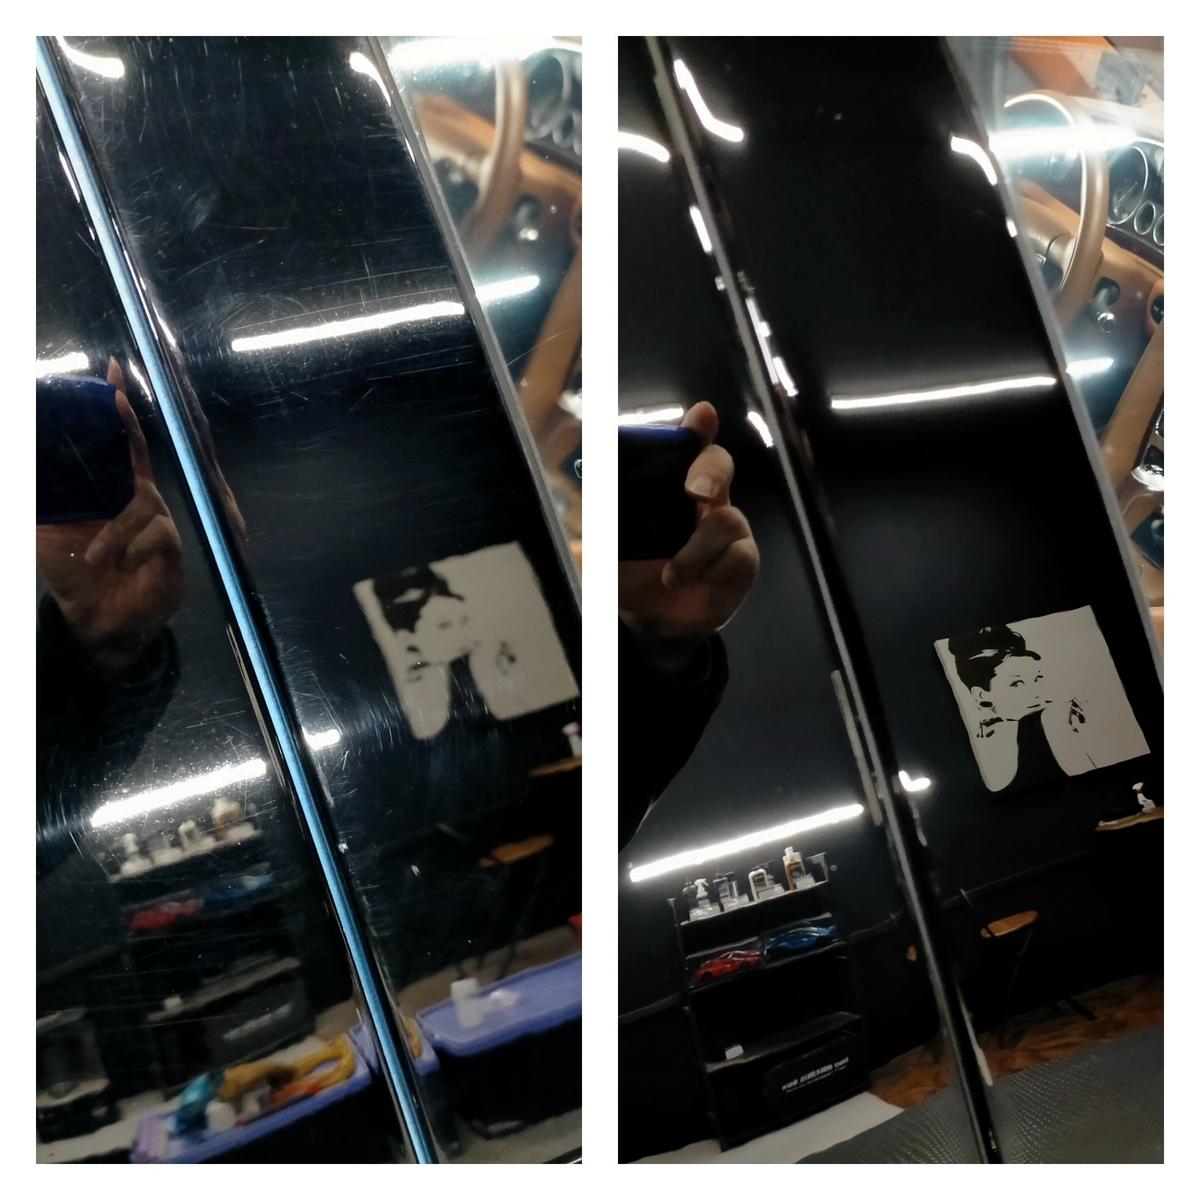 ベントレー/フライングスパーW12 ボディ磨き+樹脂硬化型コーティング【Ω /OMEGA】札幌清田4